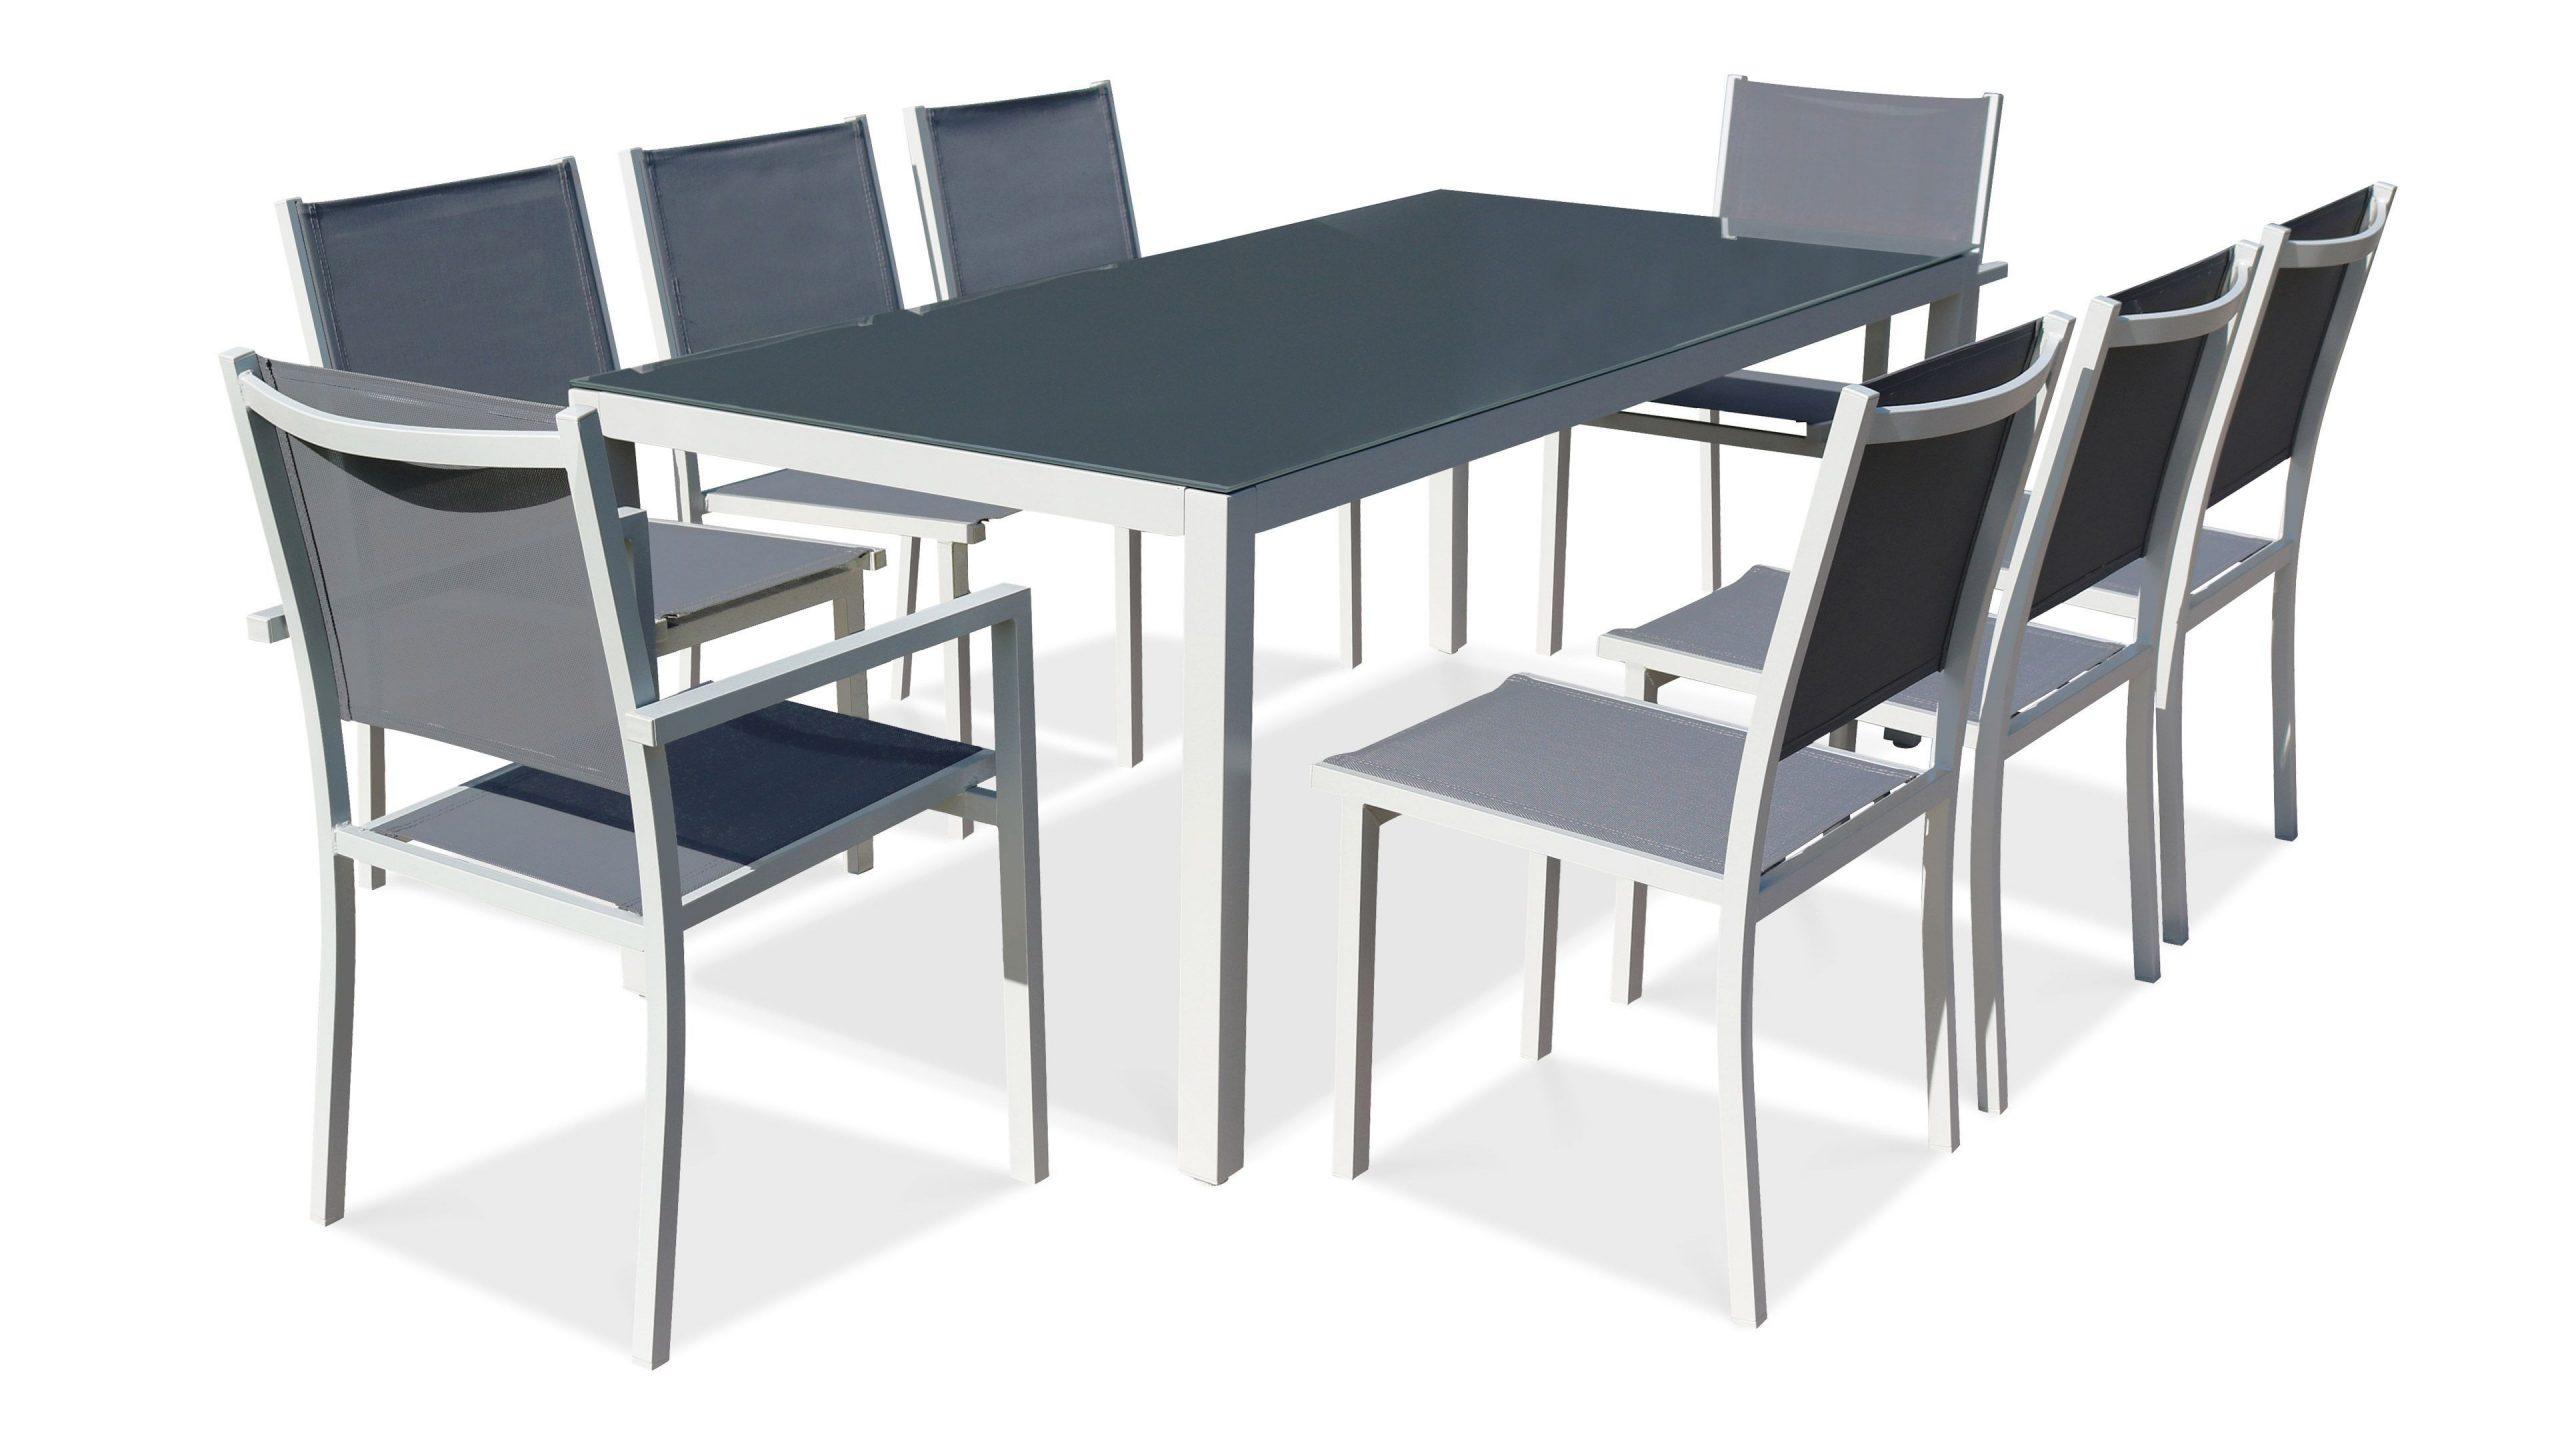 Table De Jardin En Aluminium Et Verre 8 Places 2317 ... encequiconcerne Salon De Jardin Aluminium 8 Places